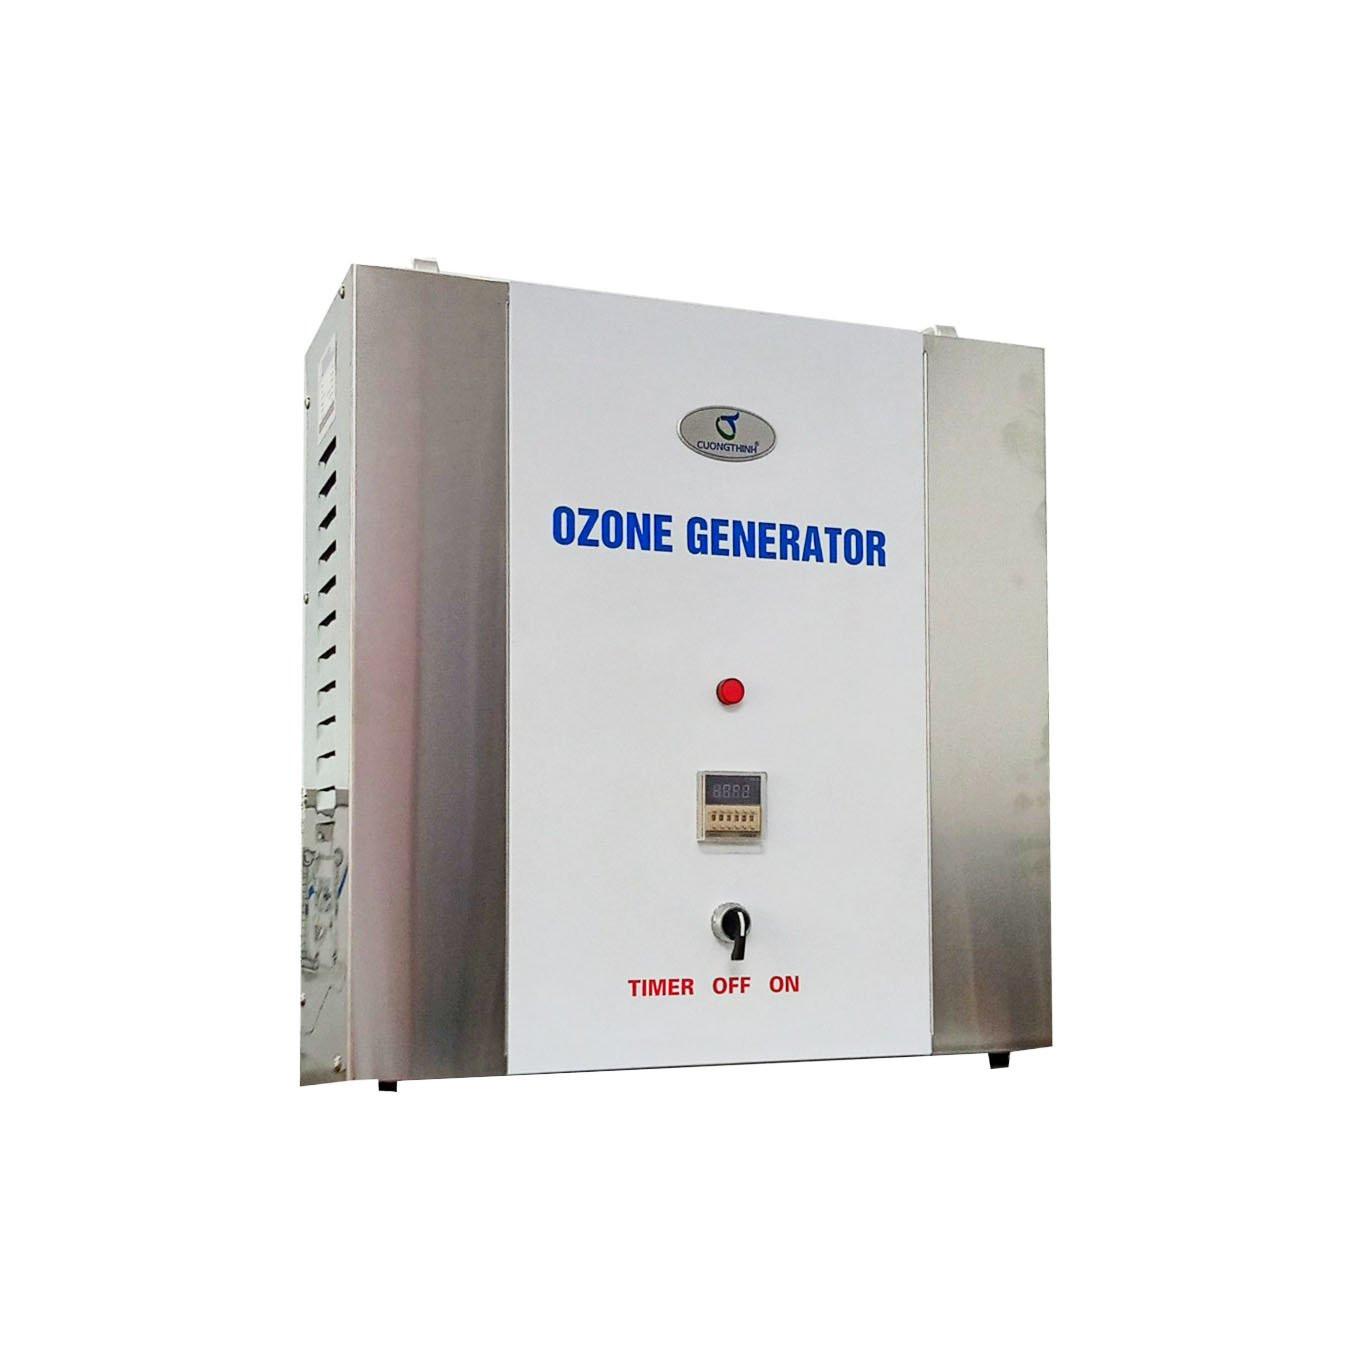 Máy Tạo Khí Ozone Công Nghiệp Z-10 Công Suất 10g O3/h - Hàng chính hãng - Cường Thịnh